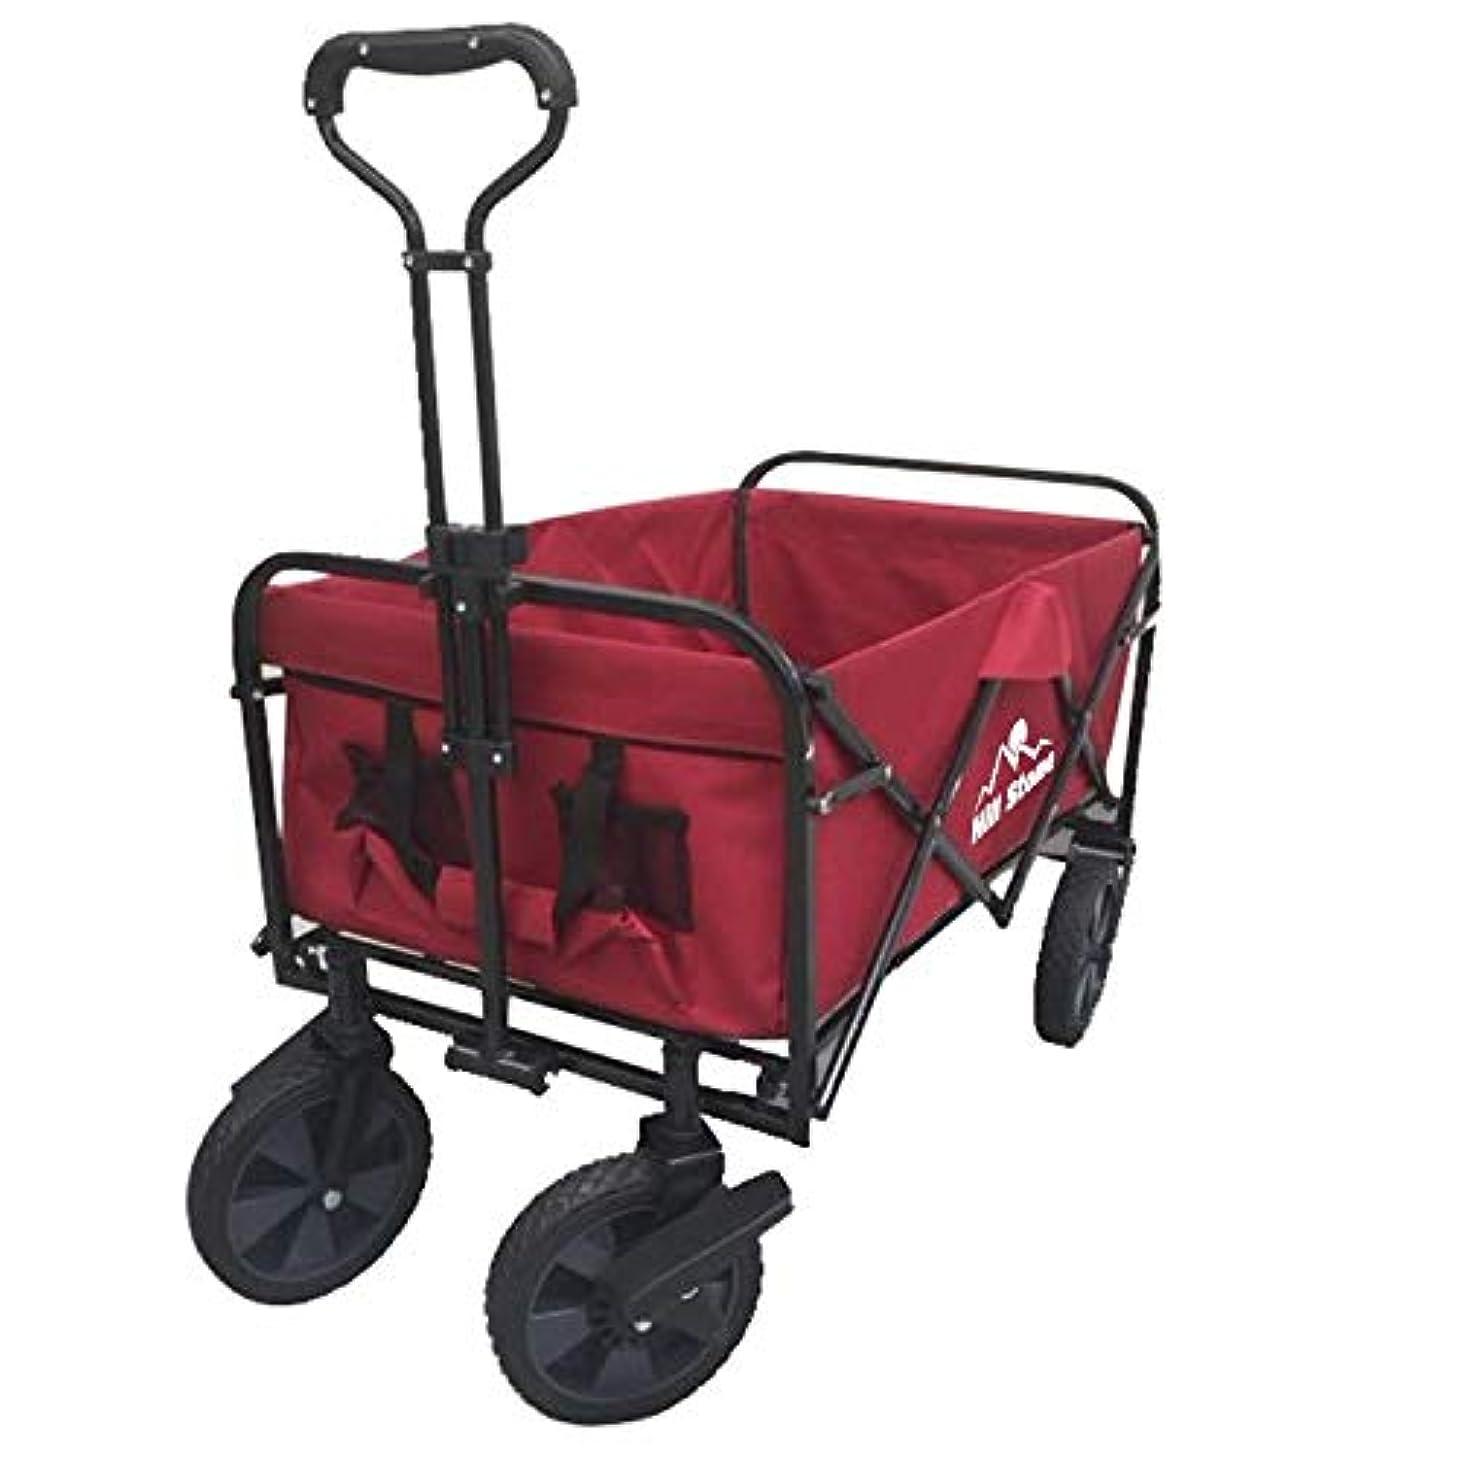 統合する悪の毎年雑貨の国のアリス キャリーワゴン アウトドアワゴン 折り畳み式 耐荷重80kg 前輪360度回転 収納袋付き ブレーキ付き [並行輸入品]